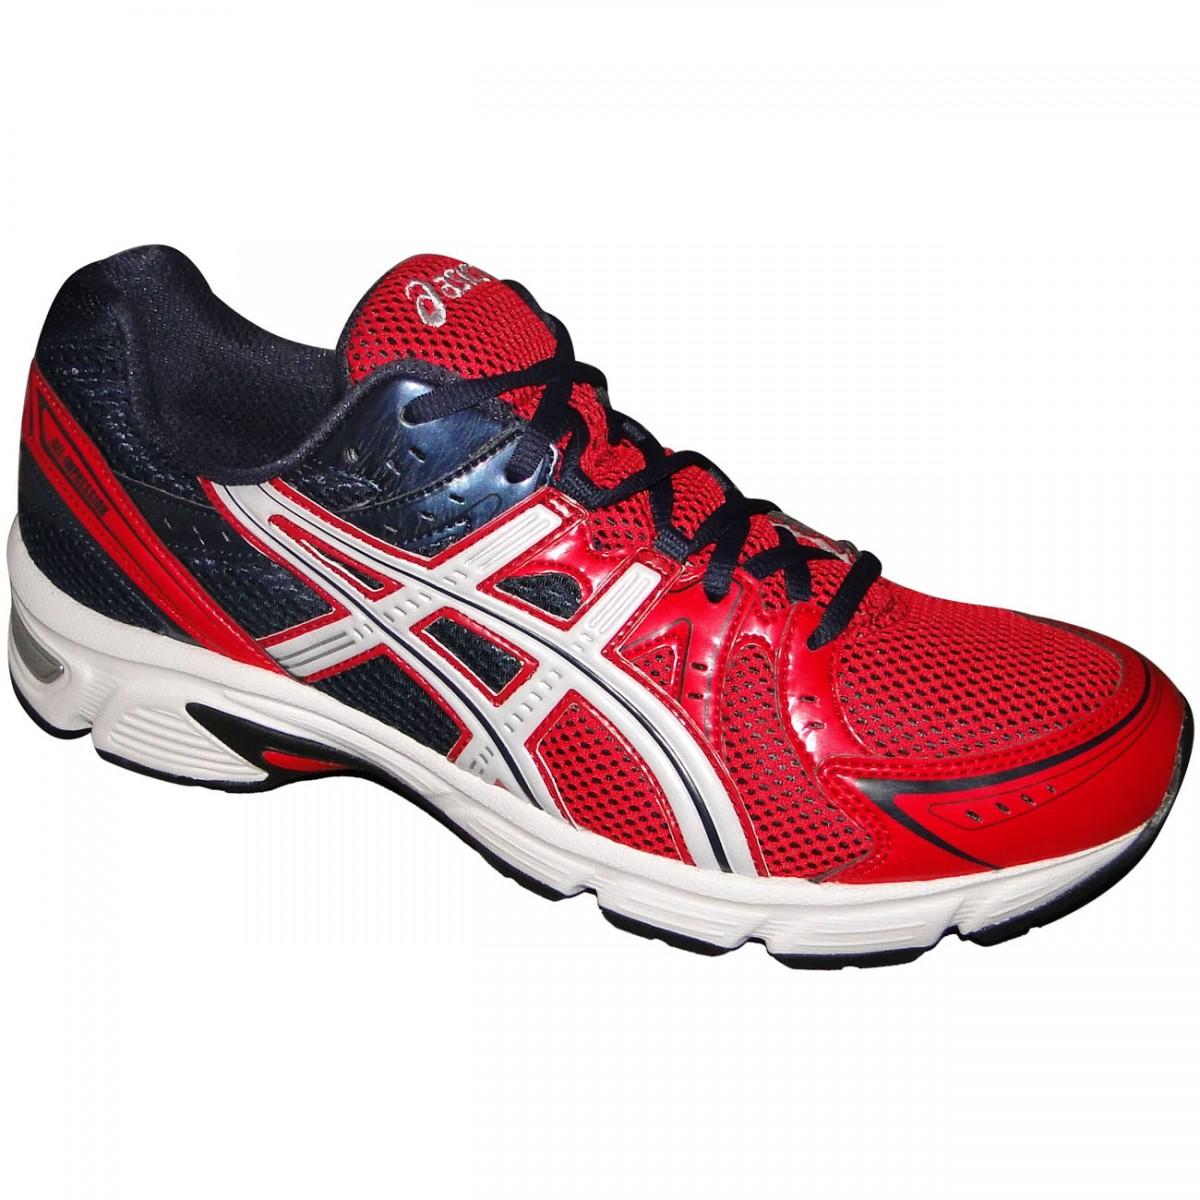 0e5230e2fe TENIS ASICS GEL-IMPRESSION 5 T2F1Q-2850 - MARINHO VERMELHO BRANCO -  Chuteira Nike